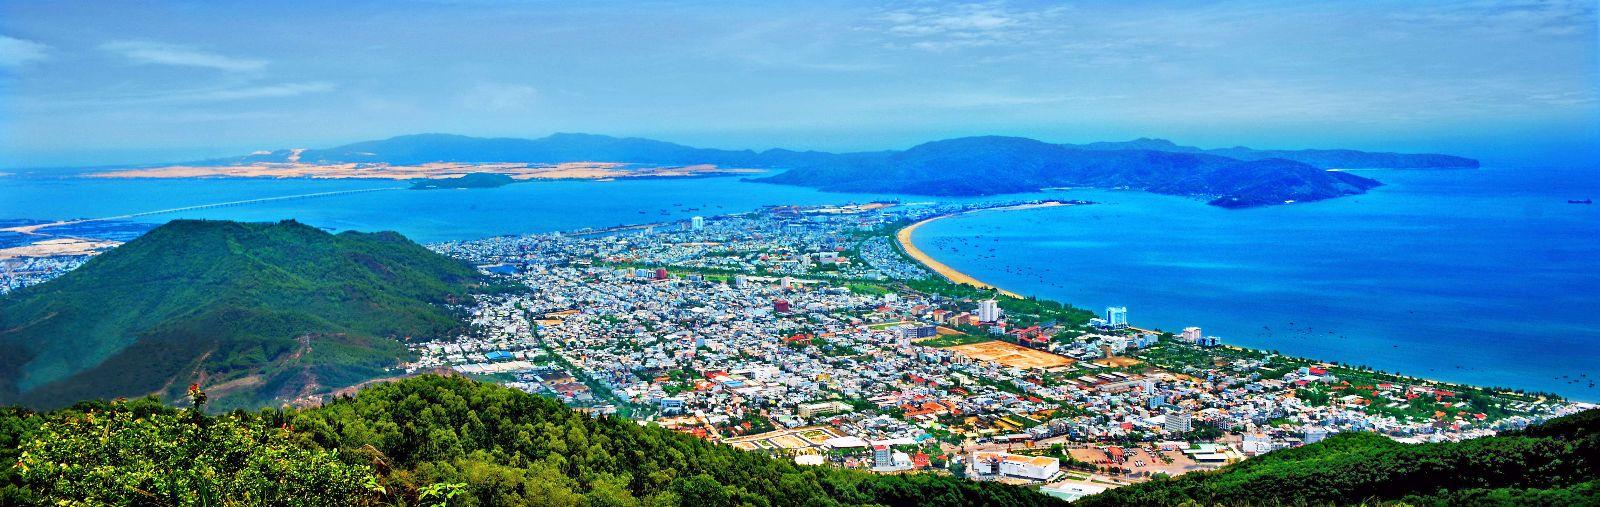 Thành Phố Quy Nhơn tỉnh Bình Định nơi dự án FLC Quy Nhơn xây dựng